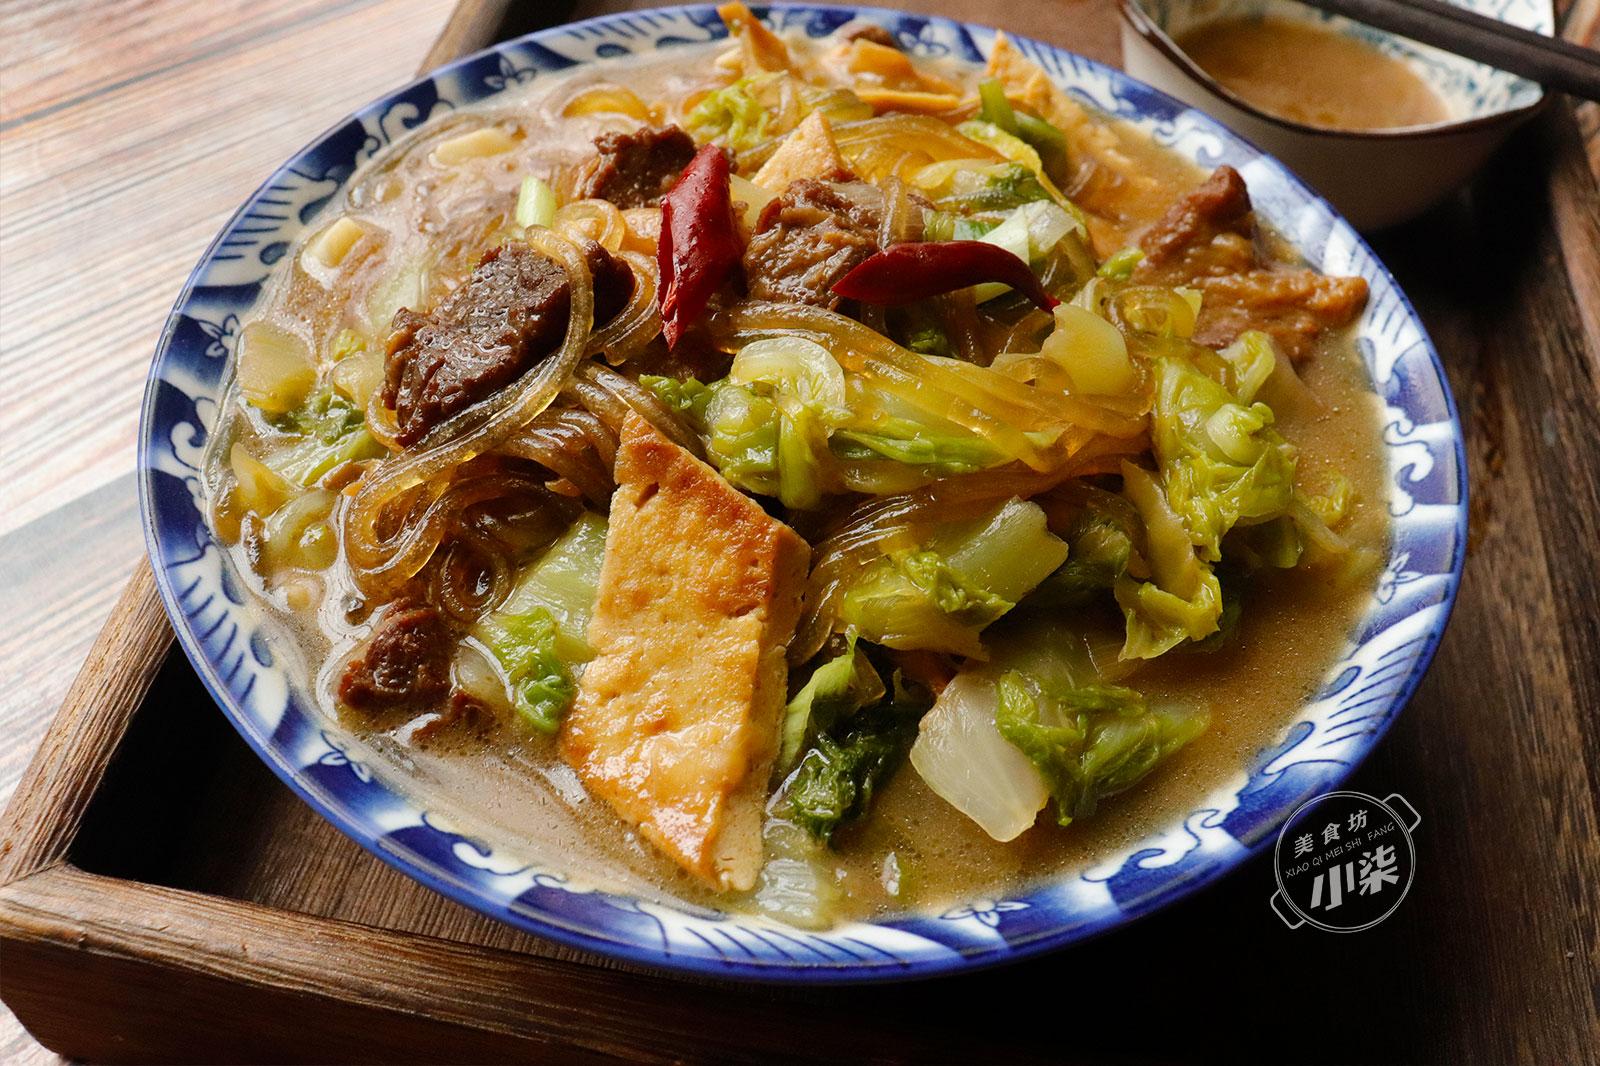 天冷,燉一鍋白菜粉條吃才過癮,吃完全身冒汗,好吃連湯汁也不剩